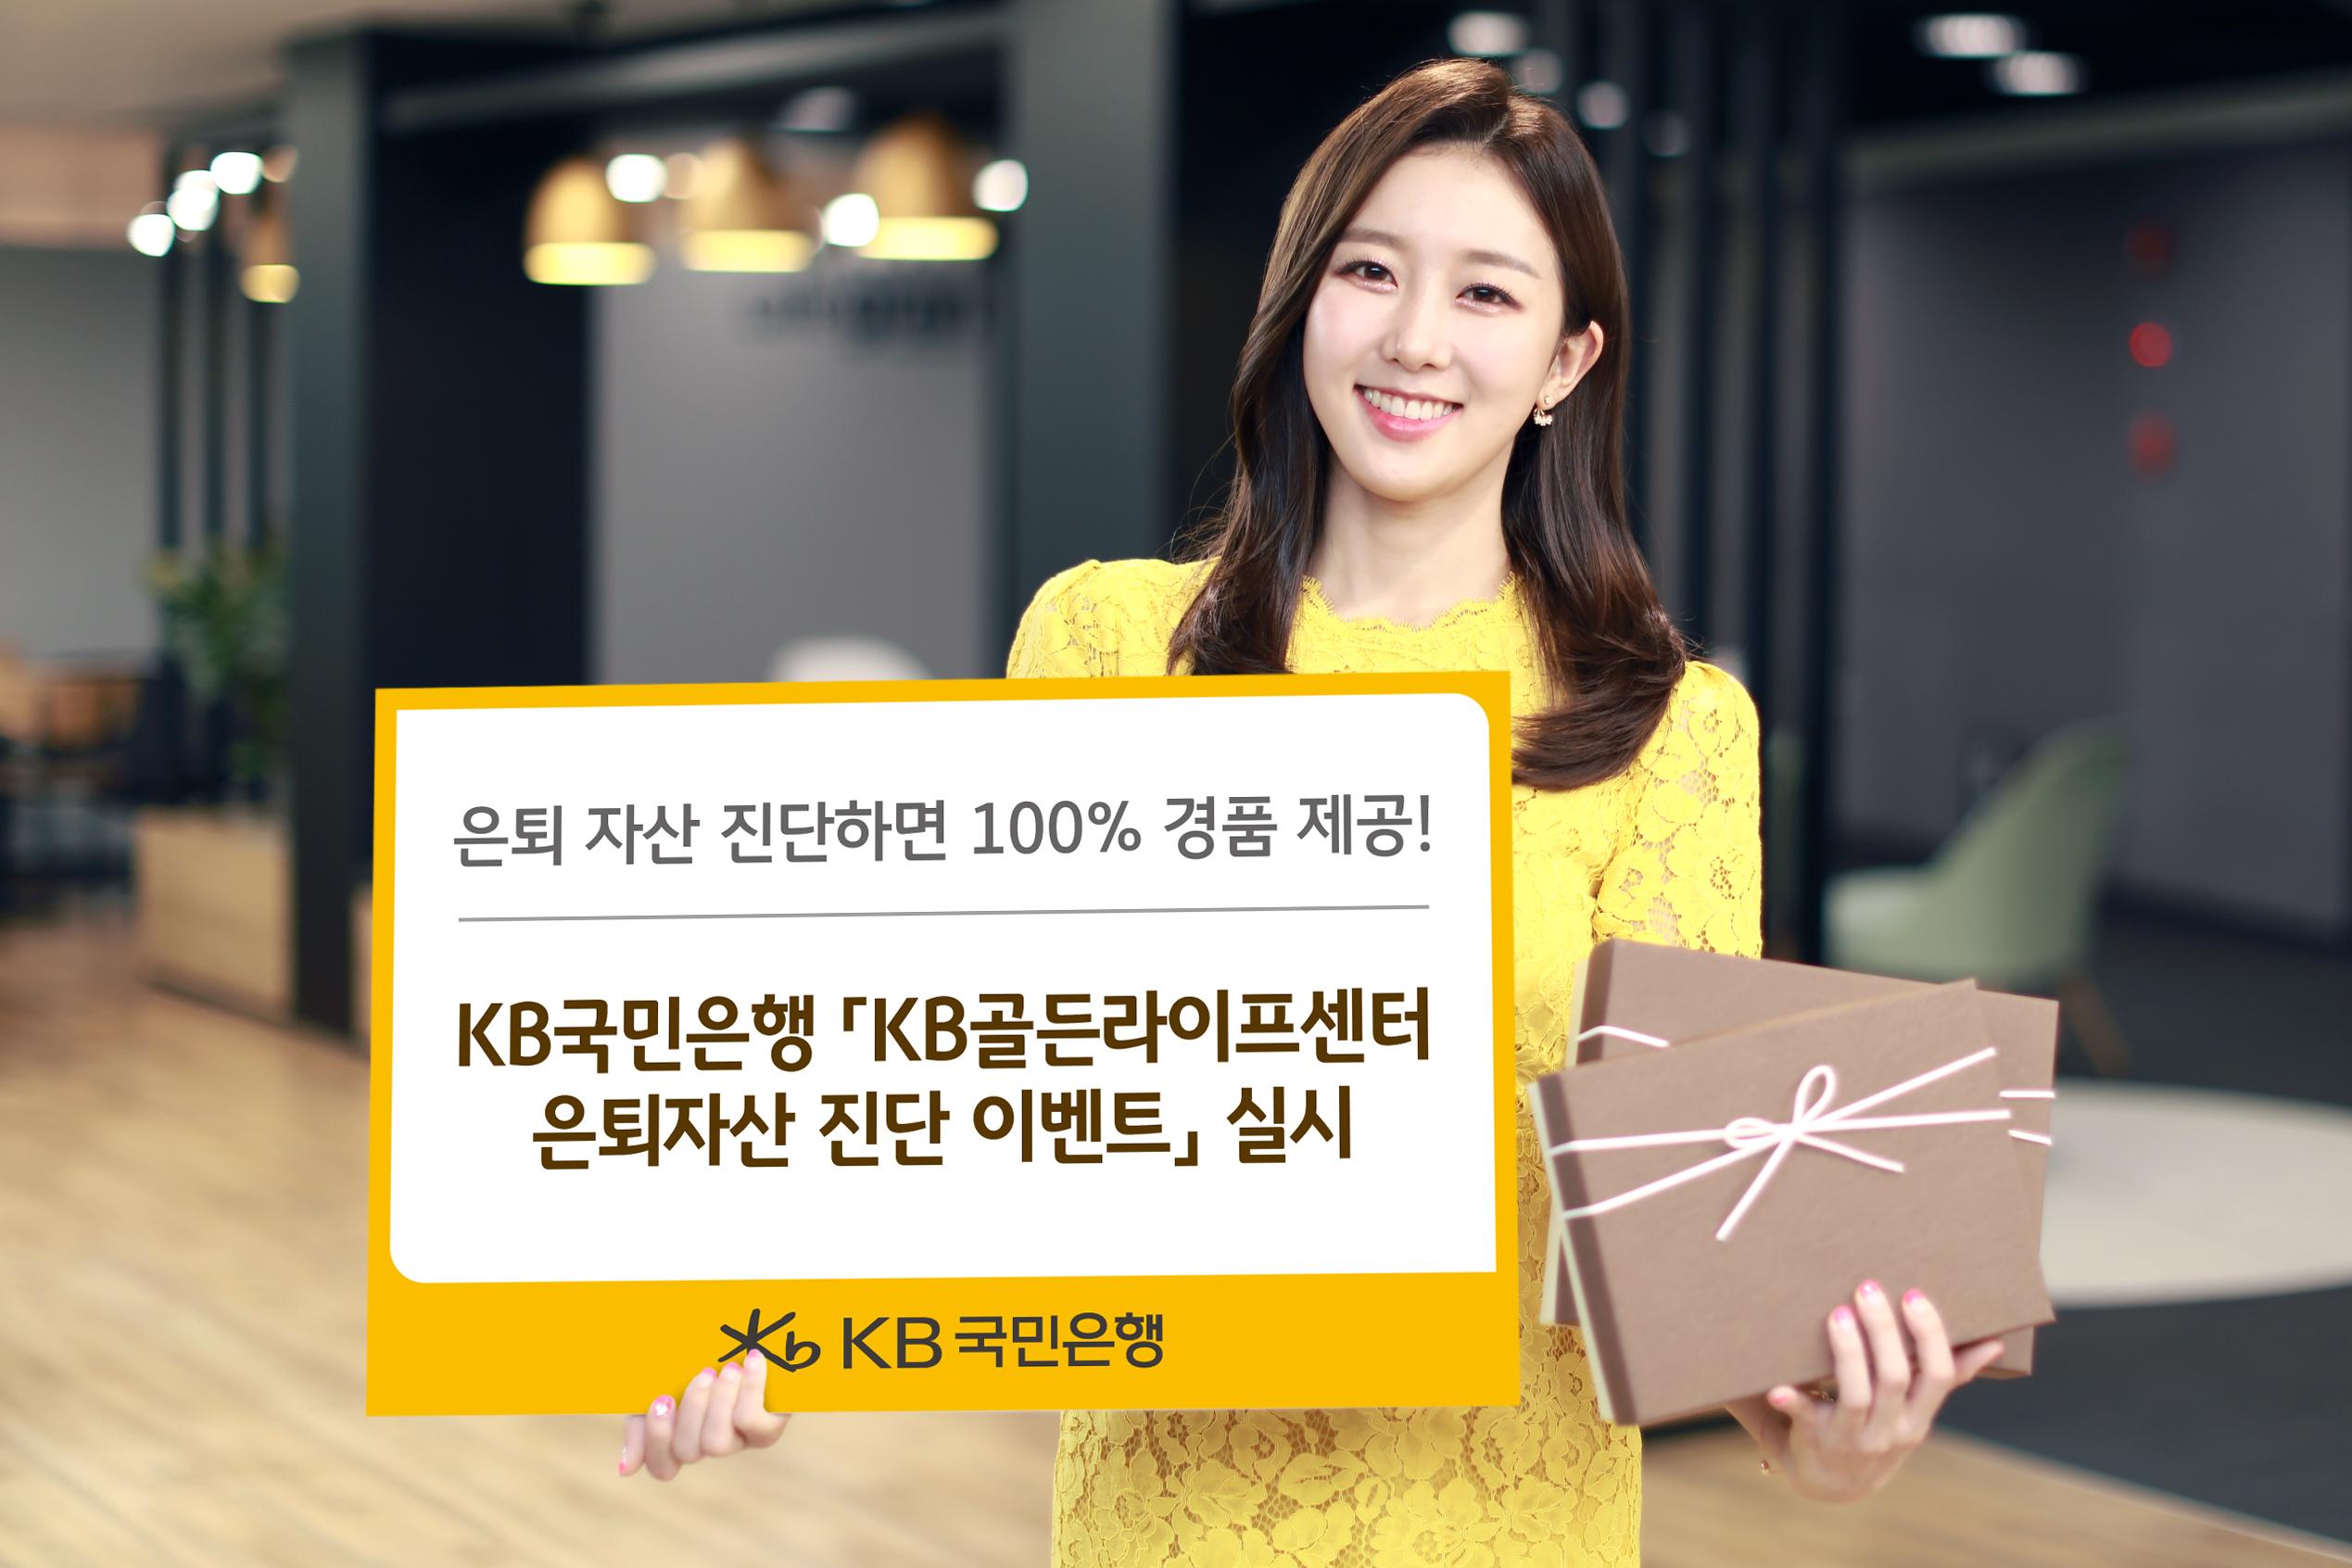 KB국민은행「KB골든라이프센터 은퇴자산 진단 이벤트」은퇴 자산 진단하면 100% 경품 제공!